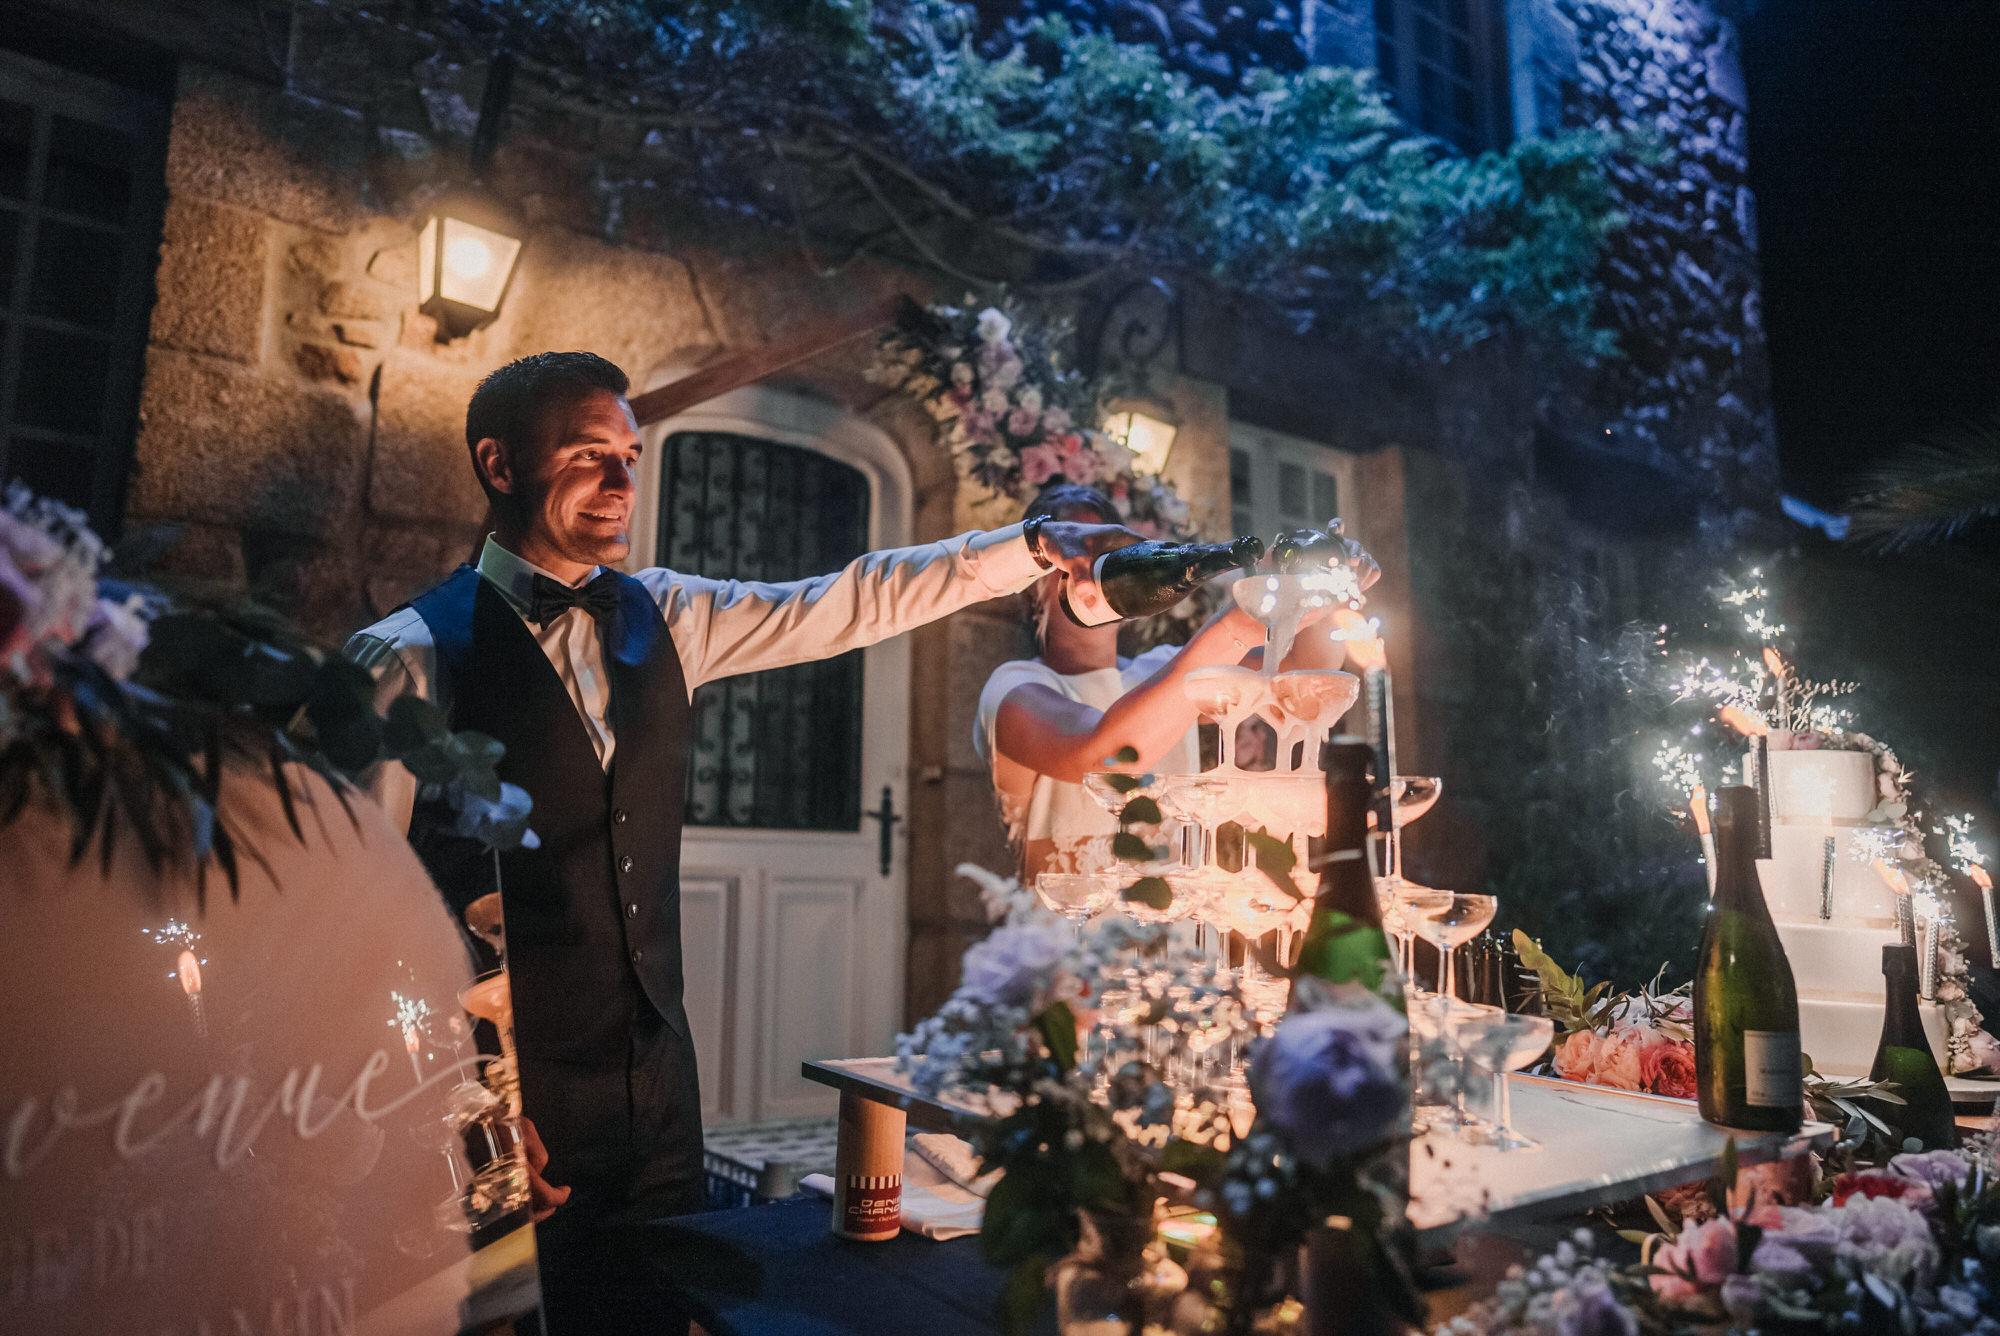 2021.07.01 Photo De Mariage De Marjorie Benjamin A La Ferme Quentel A Gouesnou Par Antoine Borzeix 1510, Photographe & Videaste à Brest / Finistère